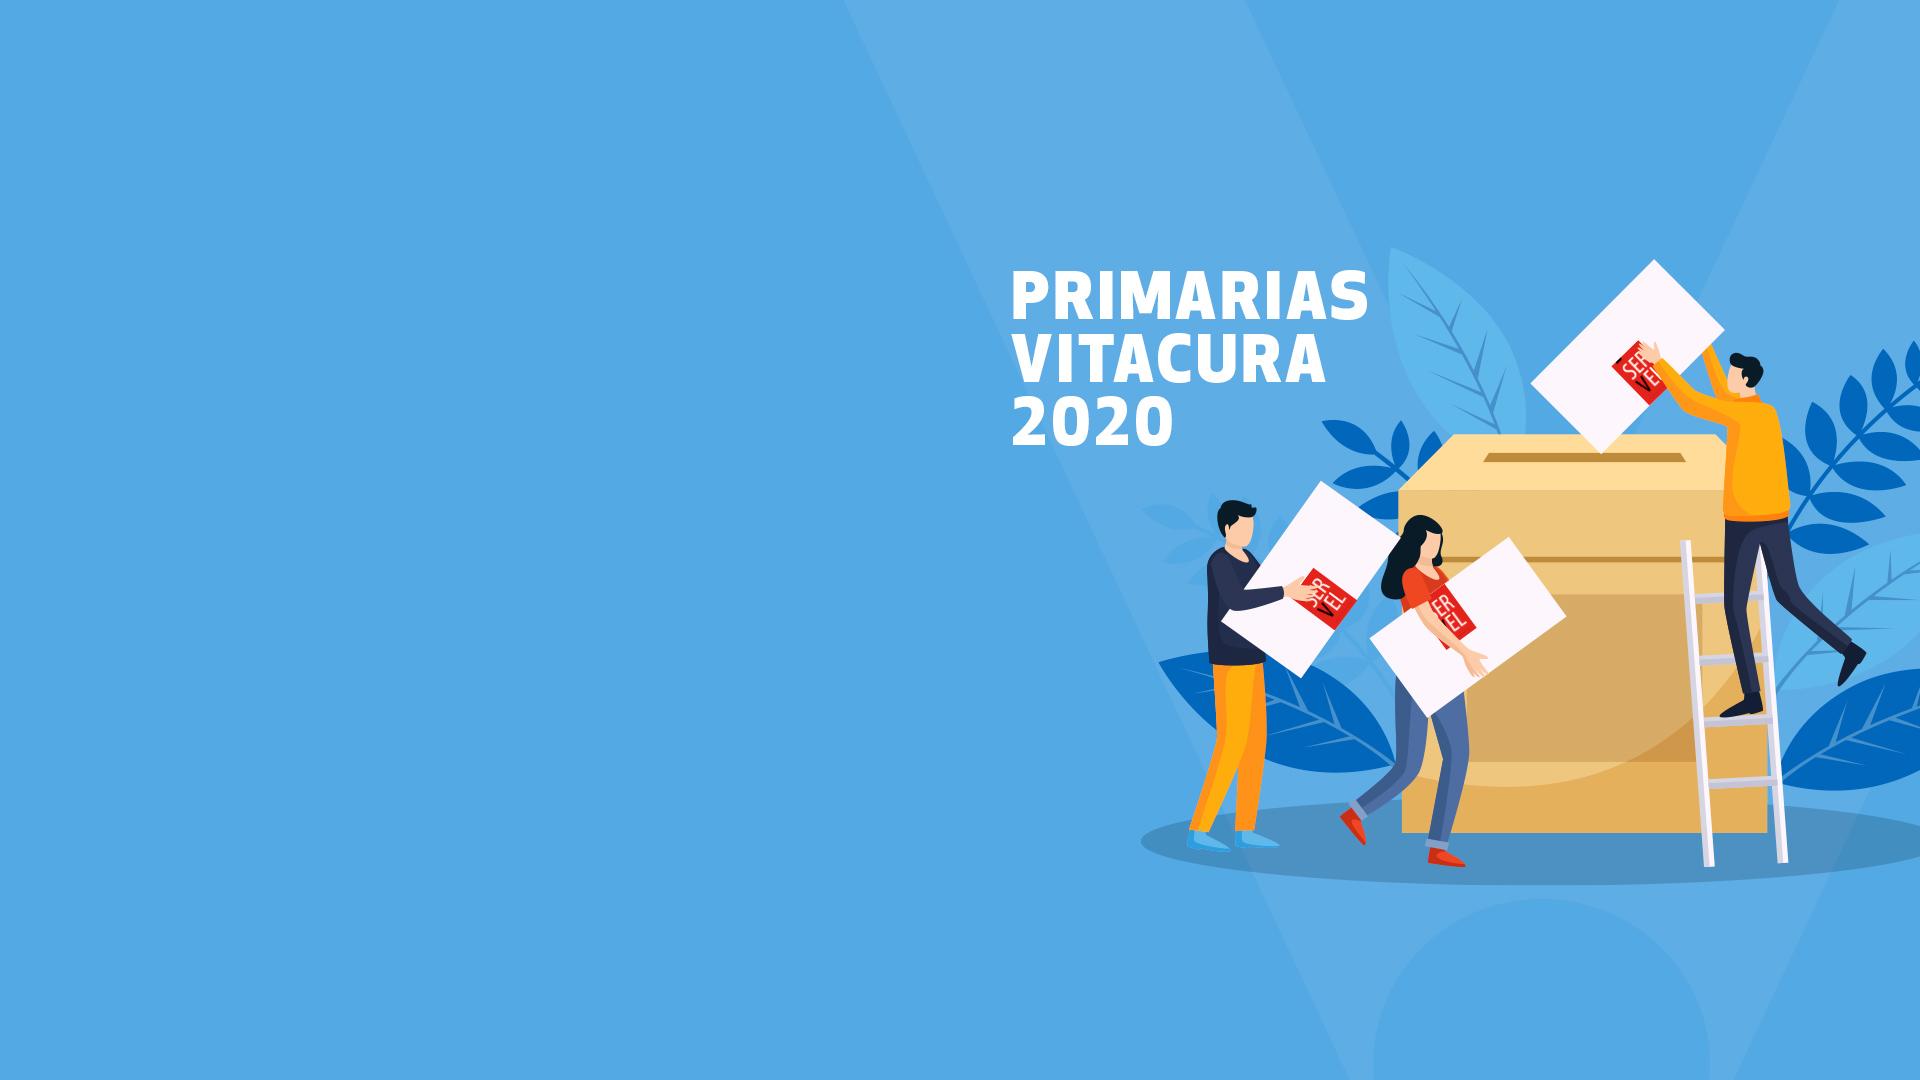 Primarias Vitacura